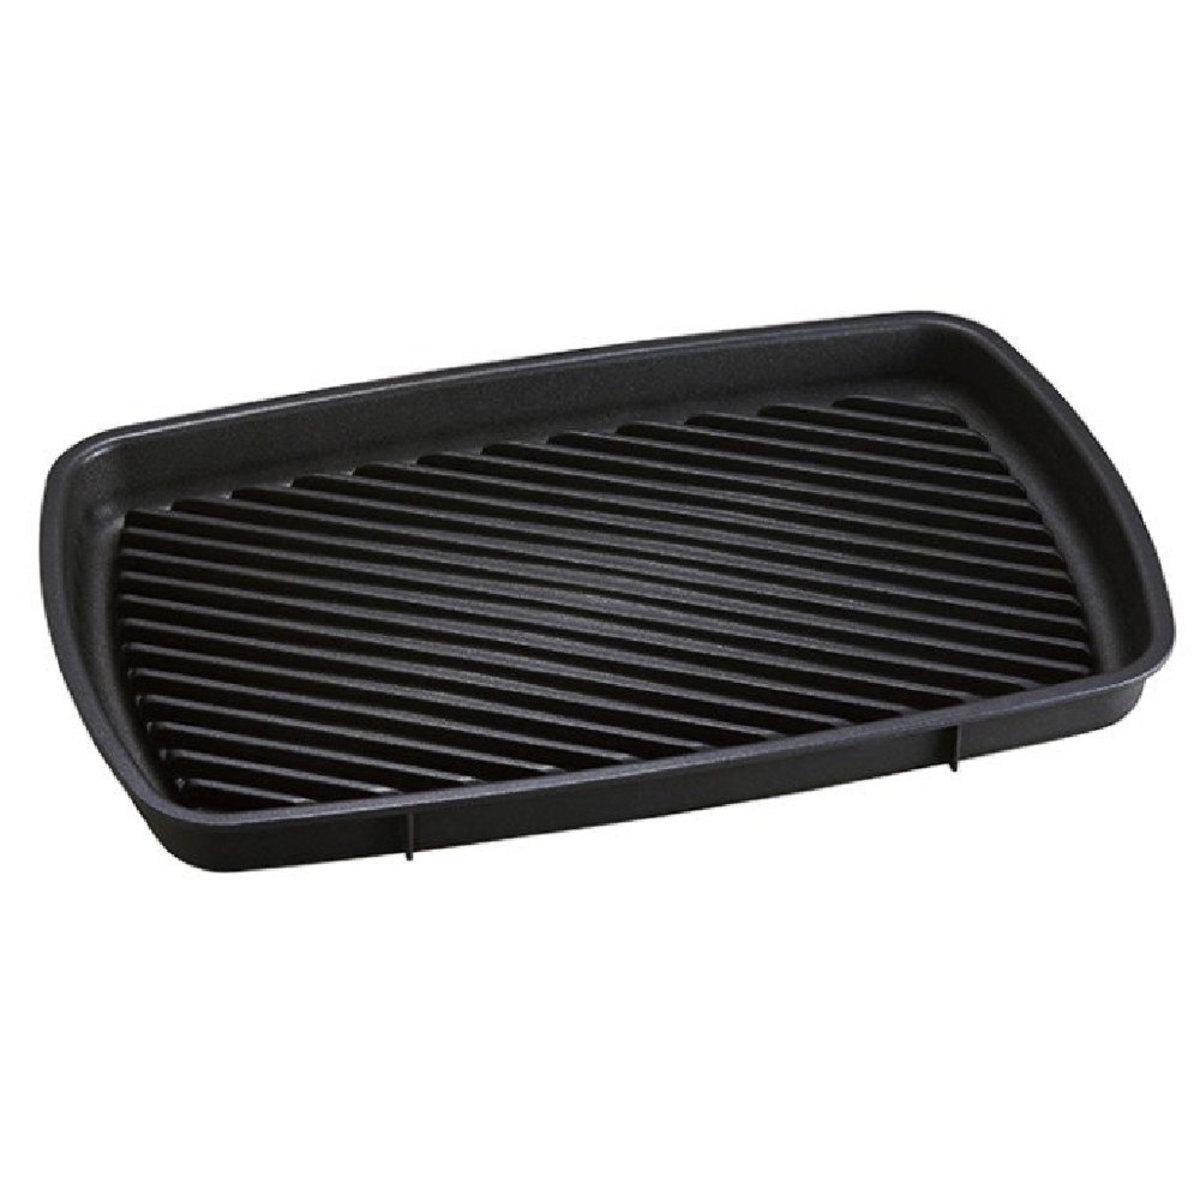 [香港行貨] 坑紋烤盤(加大版) BOE026-GRILL